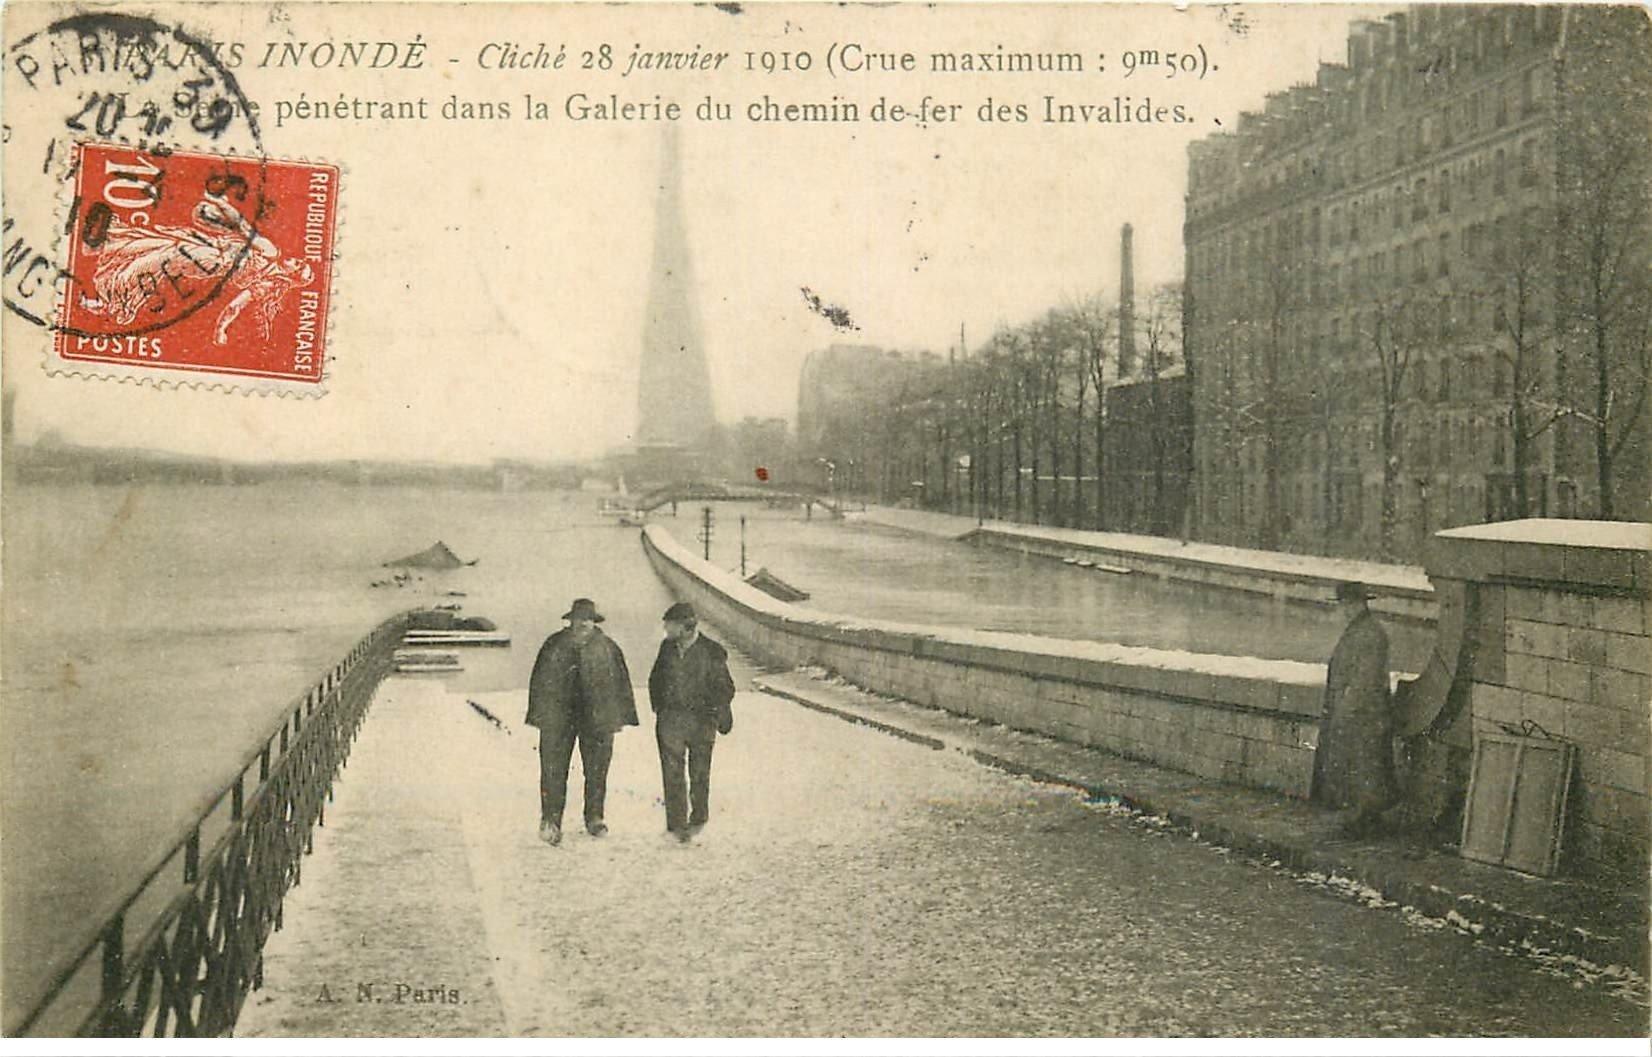 carte postale ancienne INONDATION ET CRUE PARIS 1910. Galerie Chemin de fer des Invalides